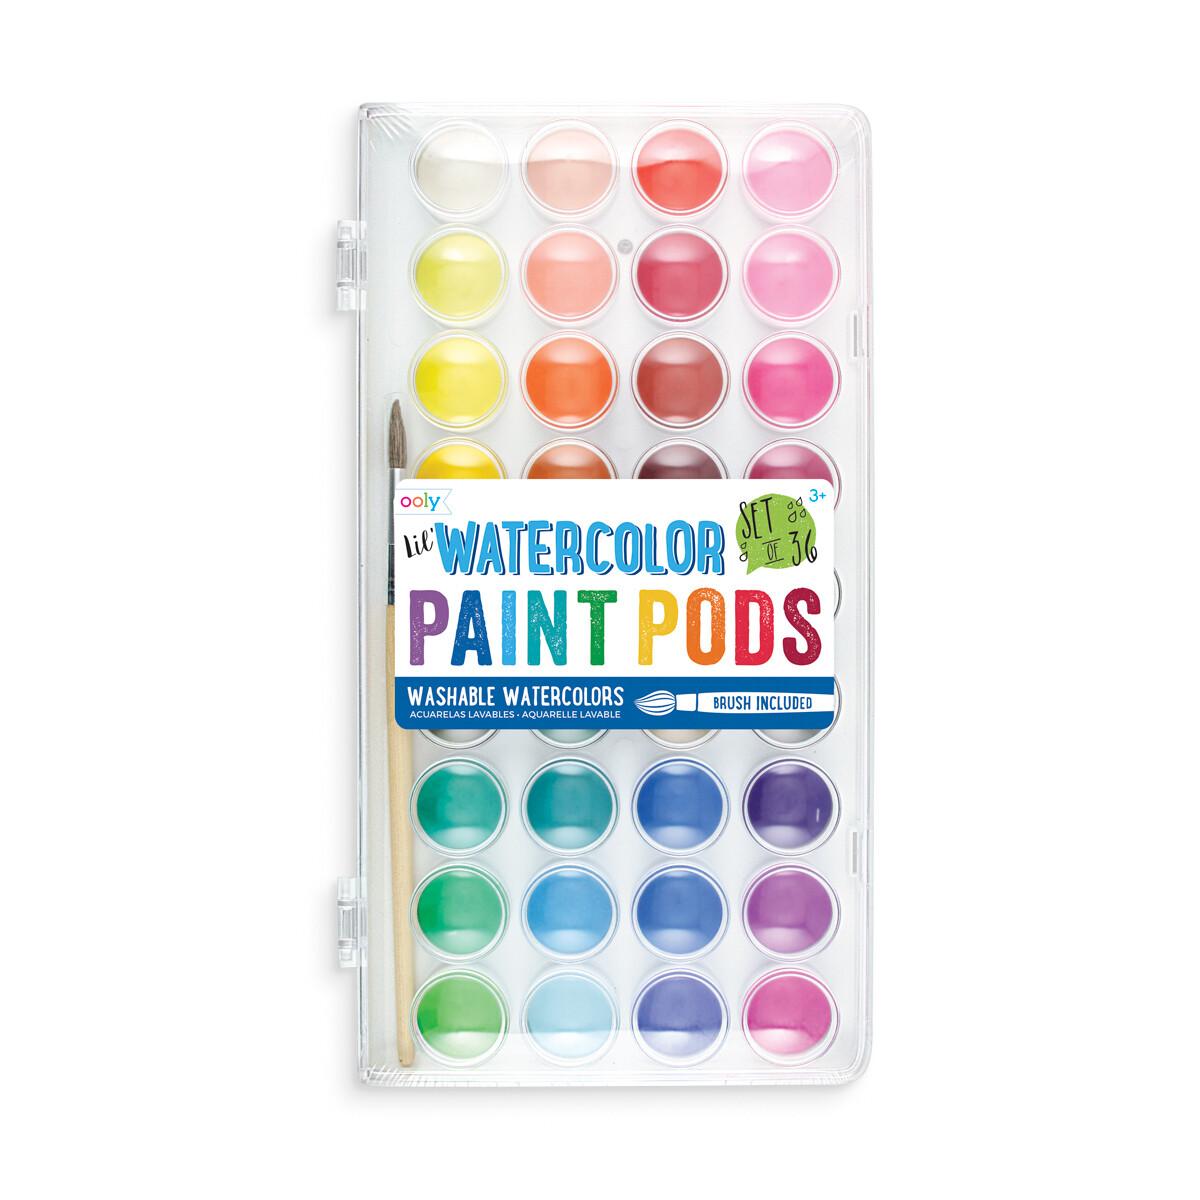 Acuarelas Lavables Ooly 36 Colores con Pincel (Watercolor Paint Pods)